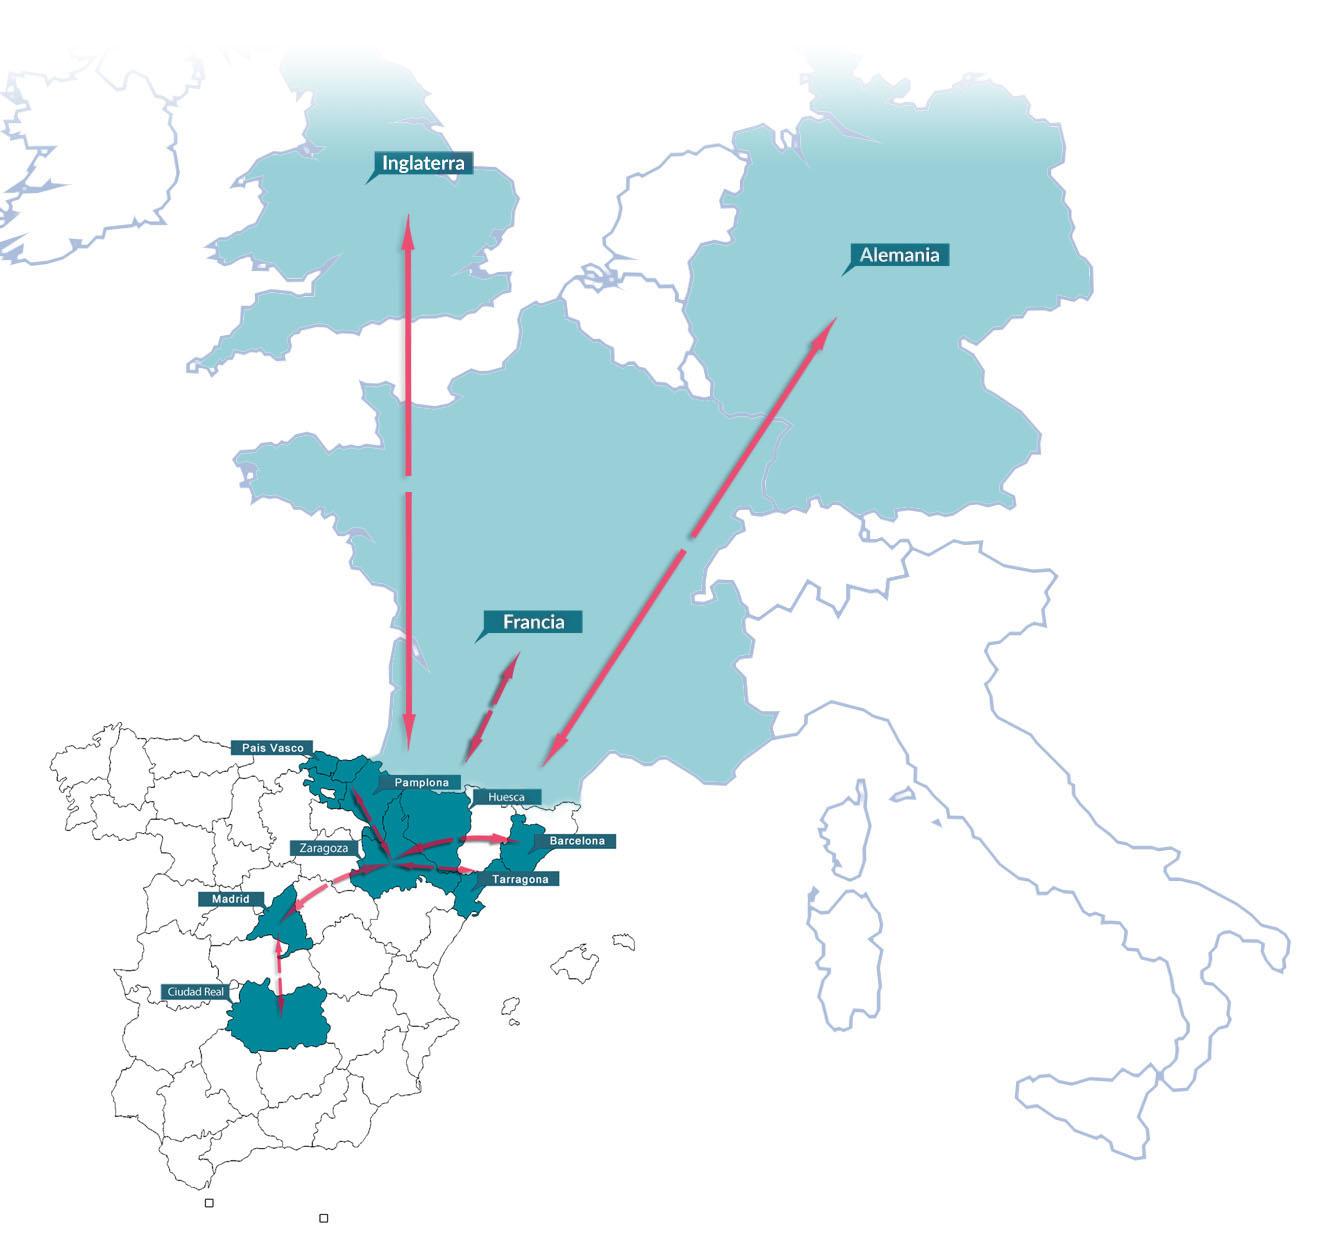 mapa_españa-europa